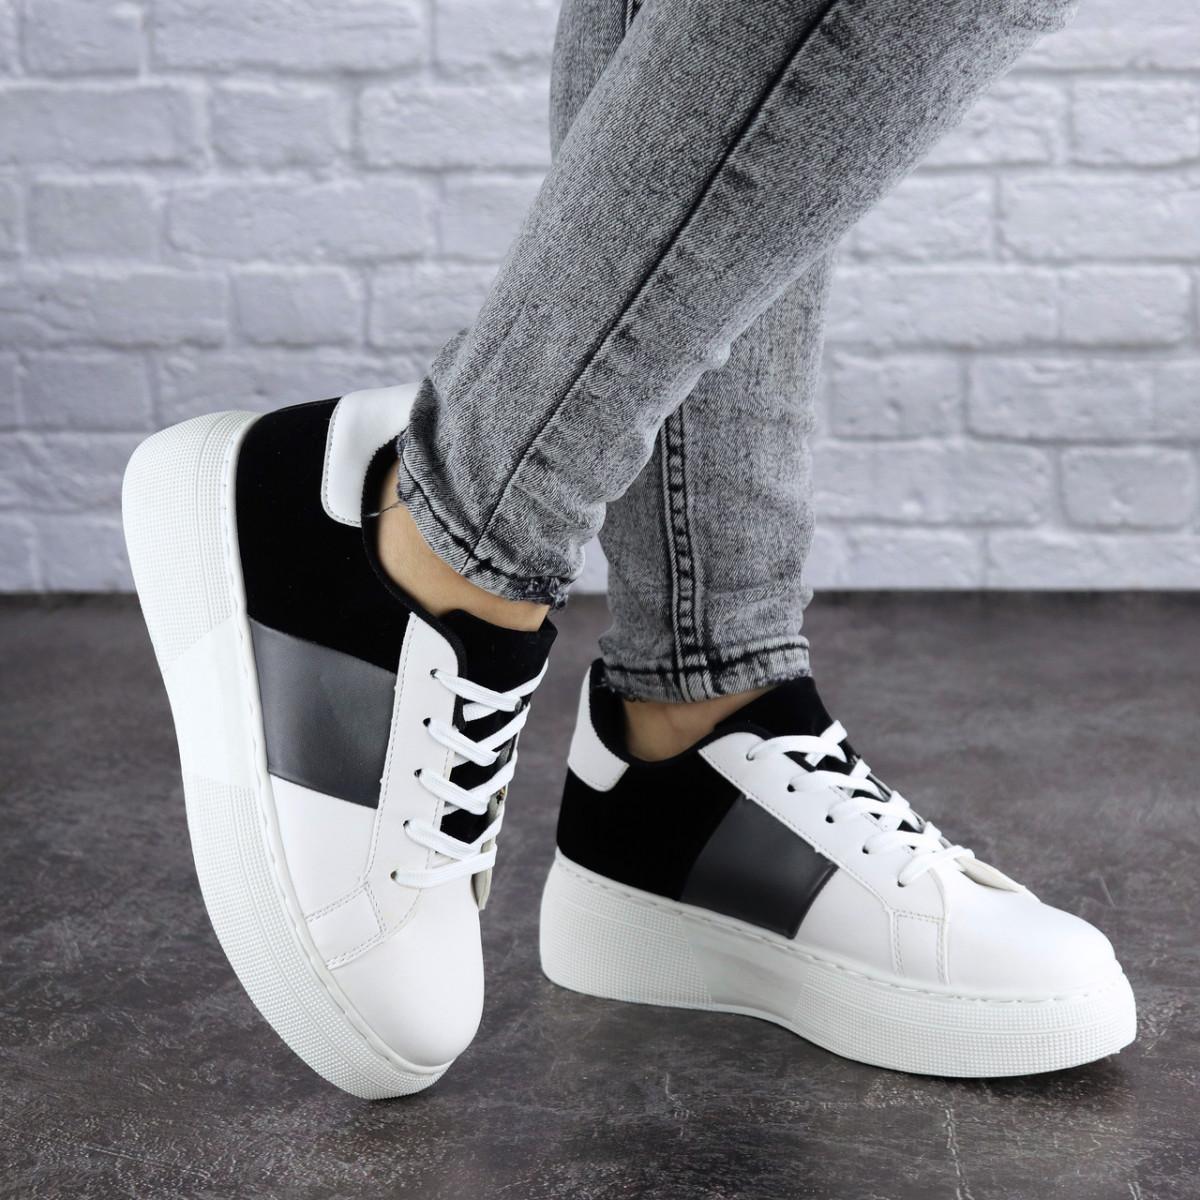 Женские стильные кроссовки Fashion Rory 1169 36 размер 23 см Белый